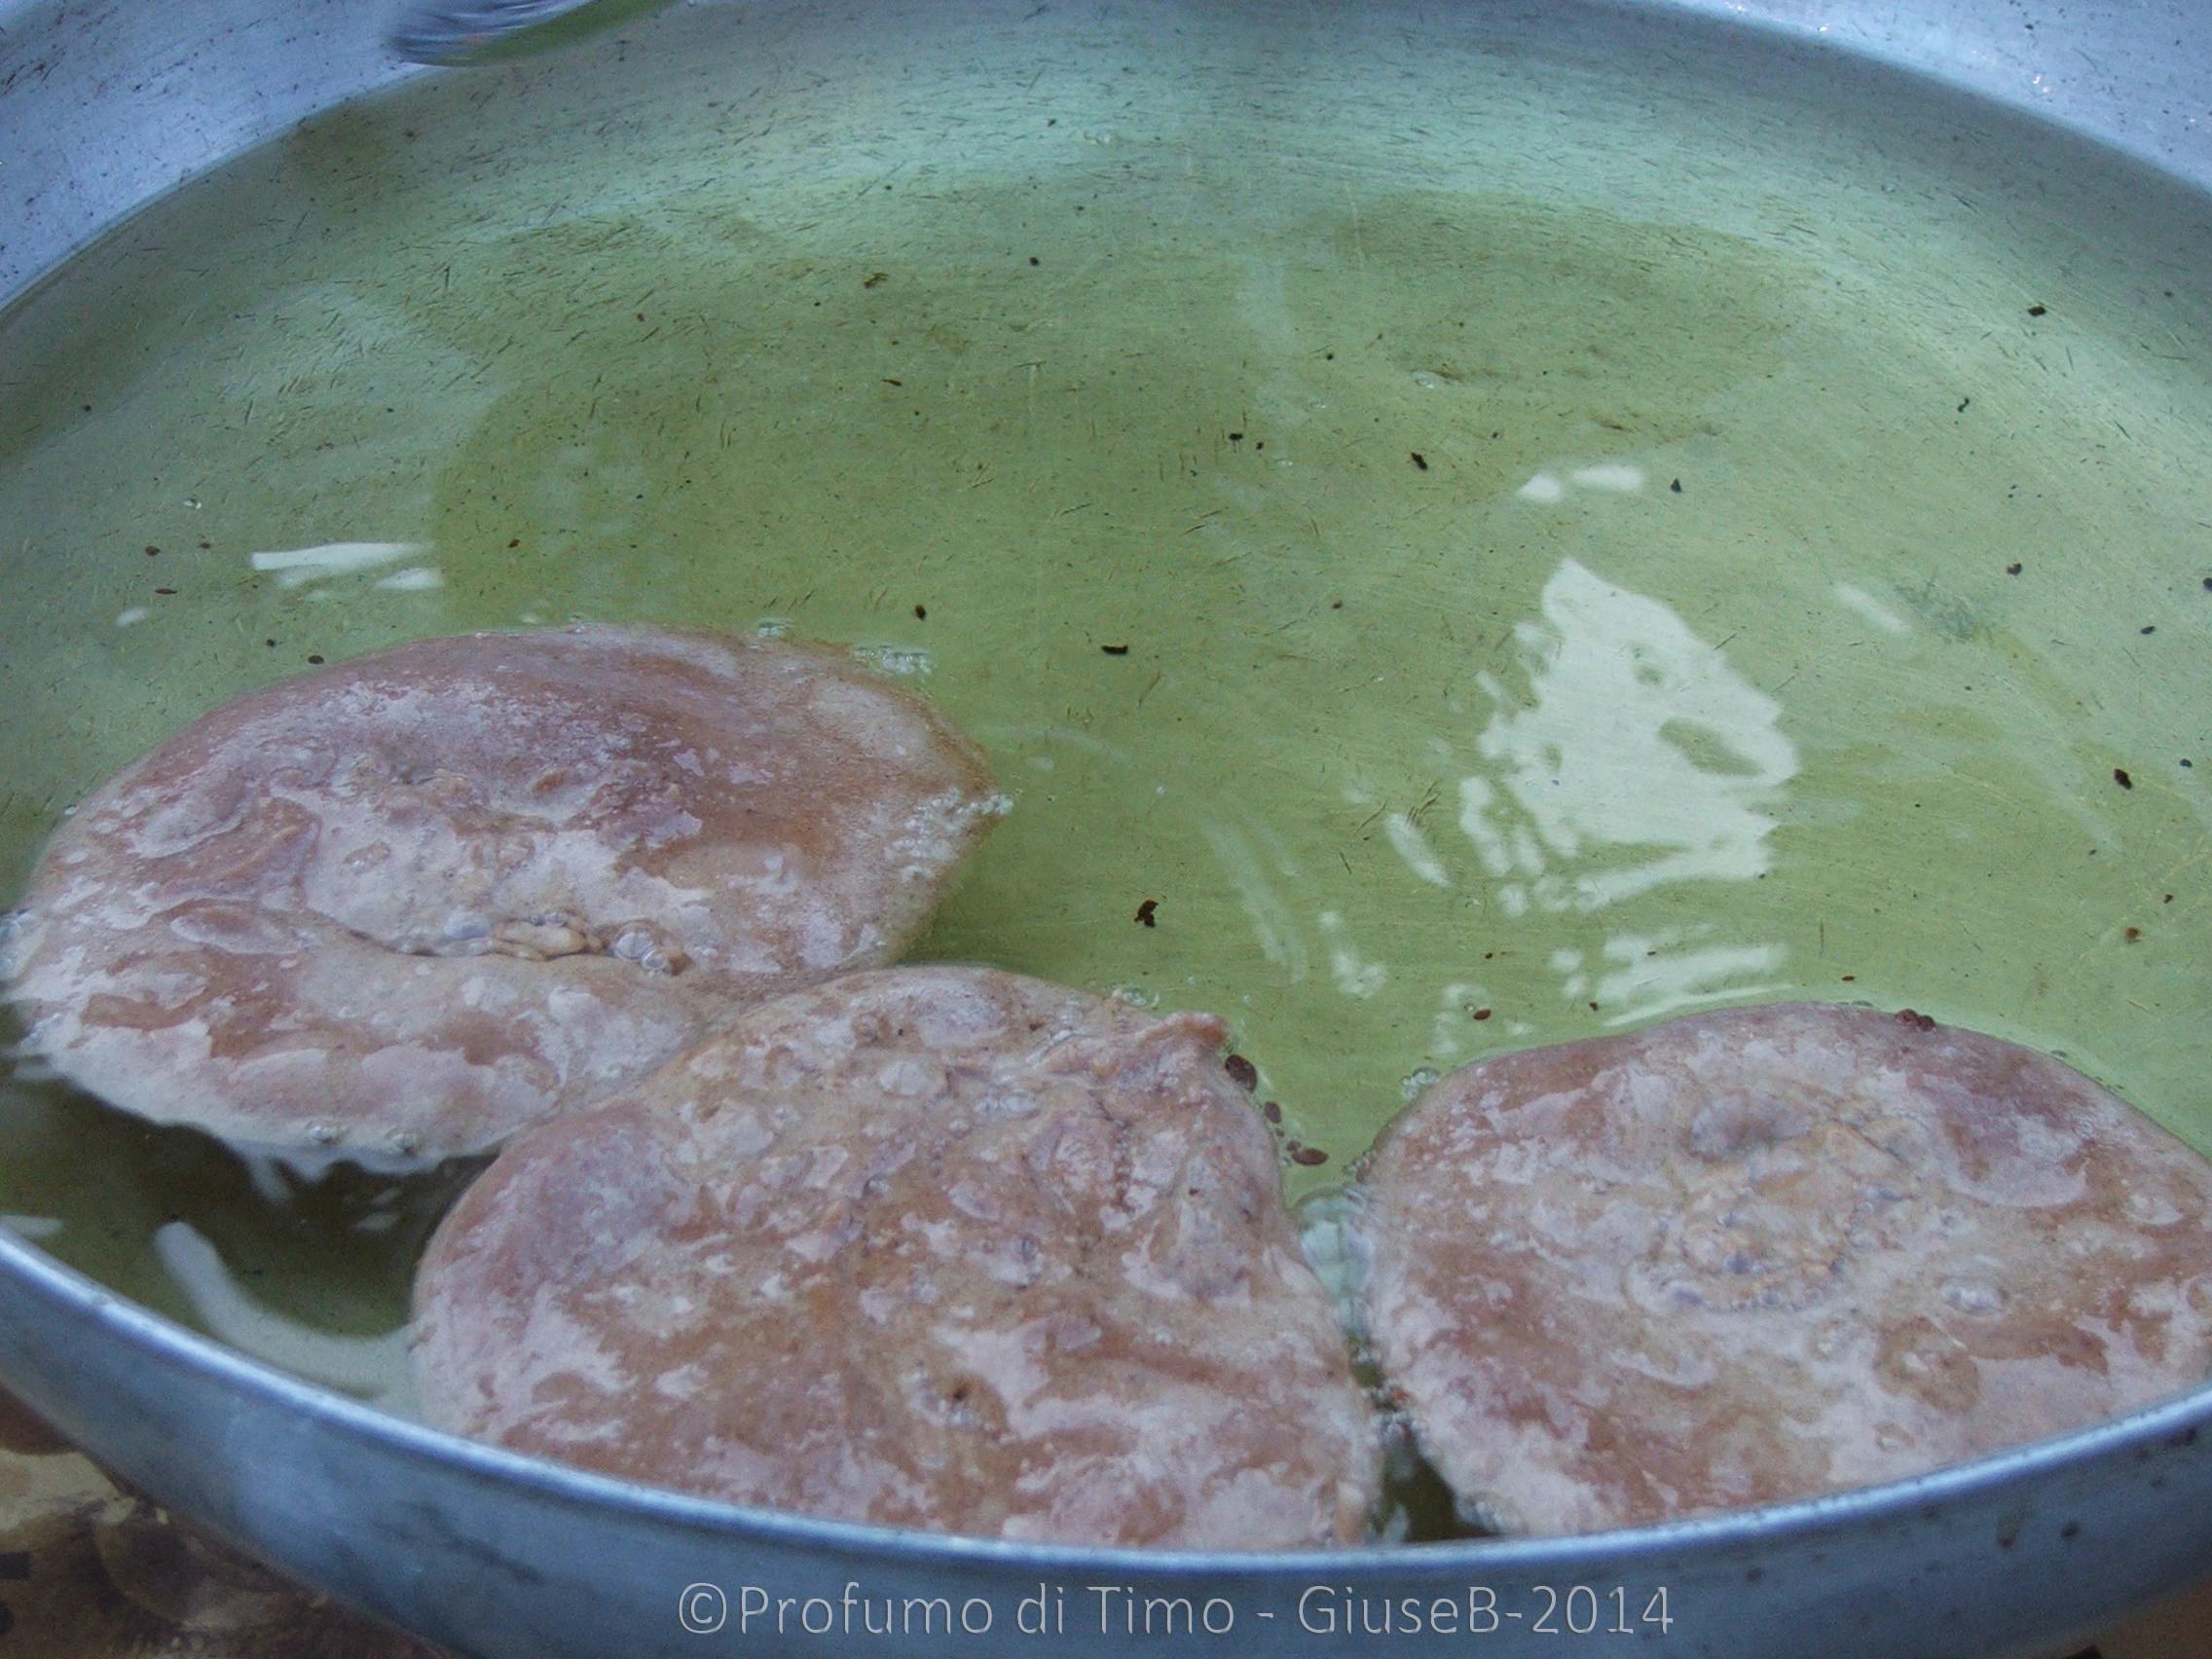 frittelle e cialde di neccio della tradizione butese  (4)